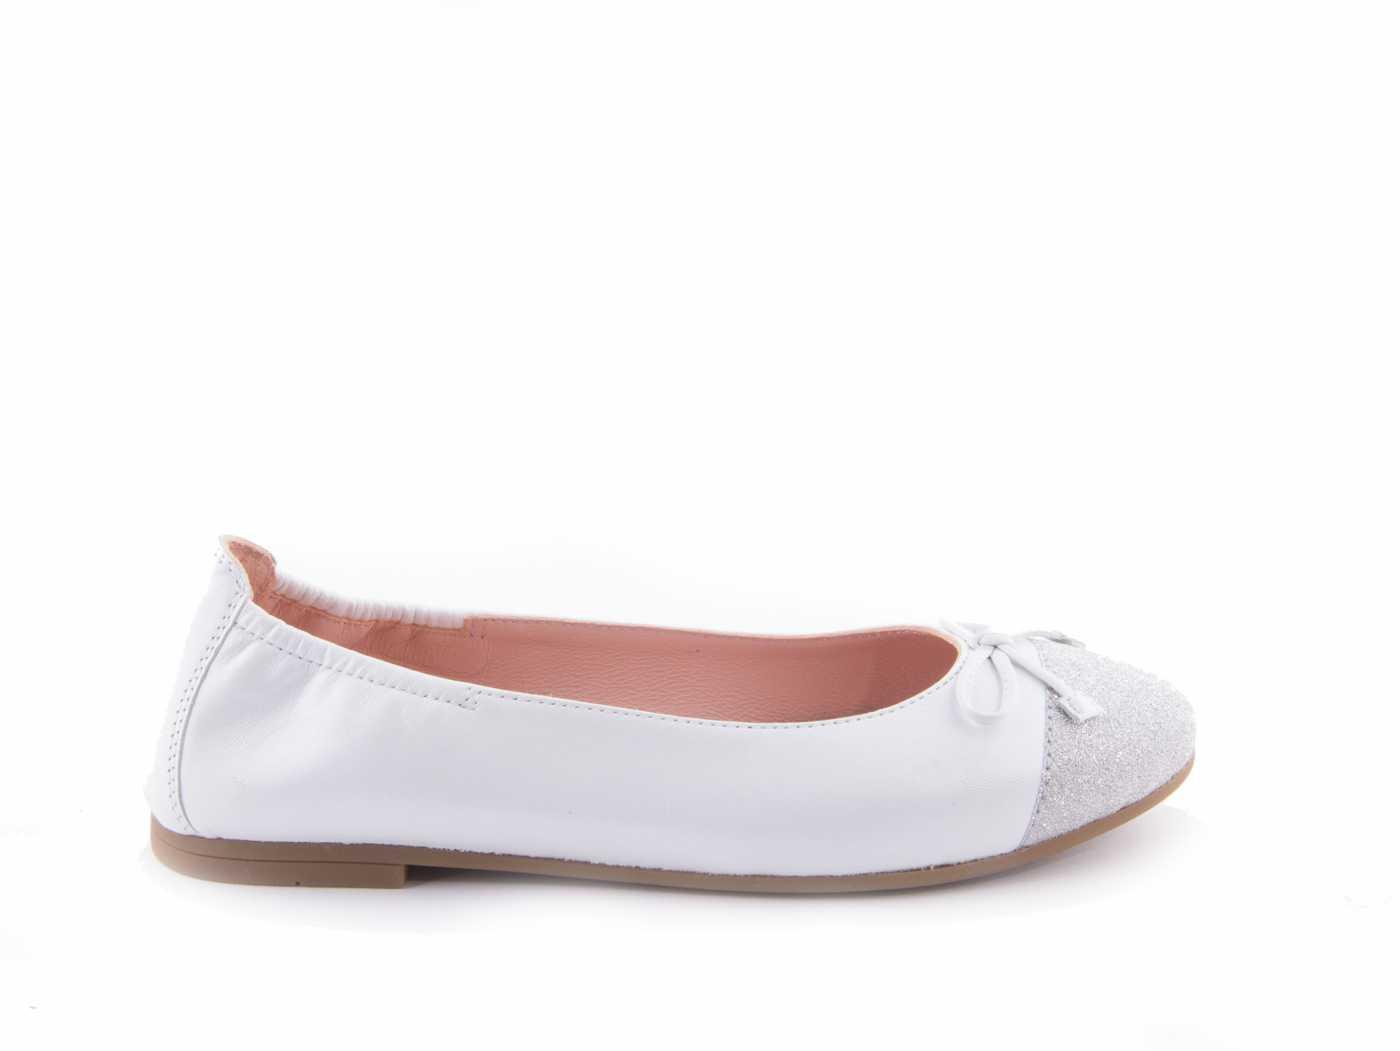 ae8bb61c6 Comprar zapato tipo JOVEN NIÑA estilo MANOLETINAS COLOR BLANCO PIEL ...